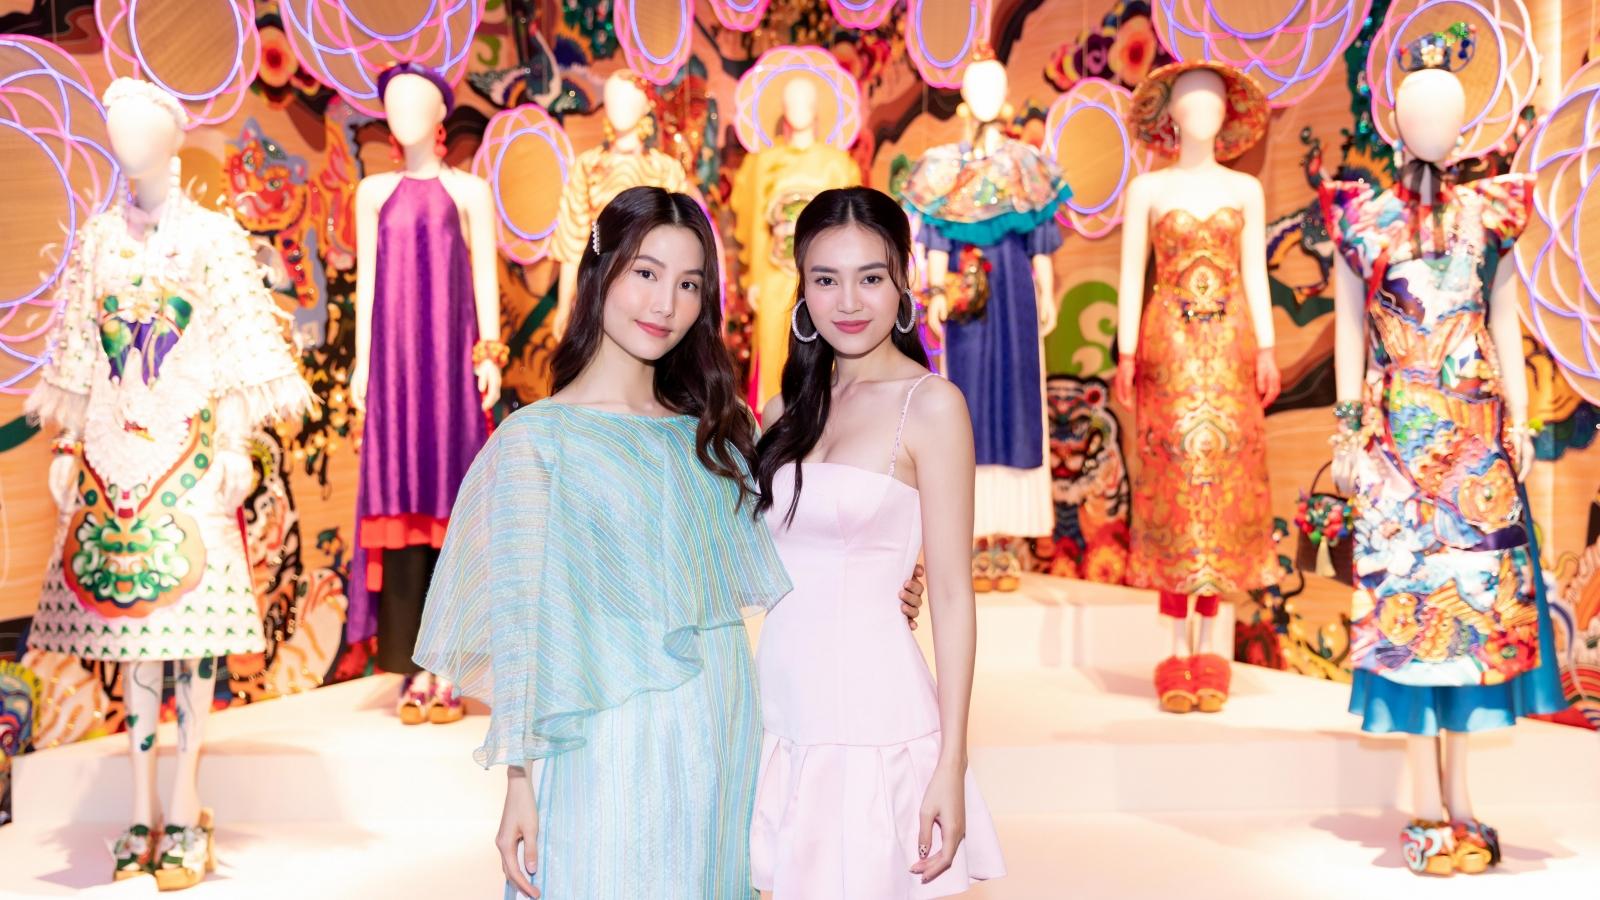 Ninh Dương Lan Ngọc, Diễm My 9x cùng dàn sao đến tham dự triển lãm của NTK Thuỷ Nguyễn